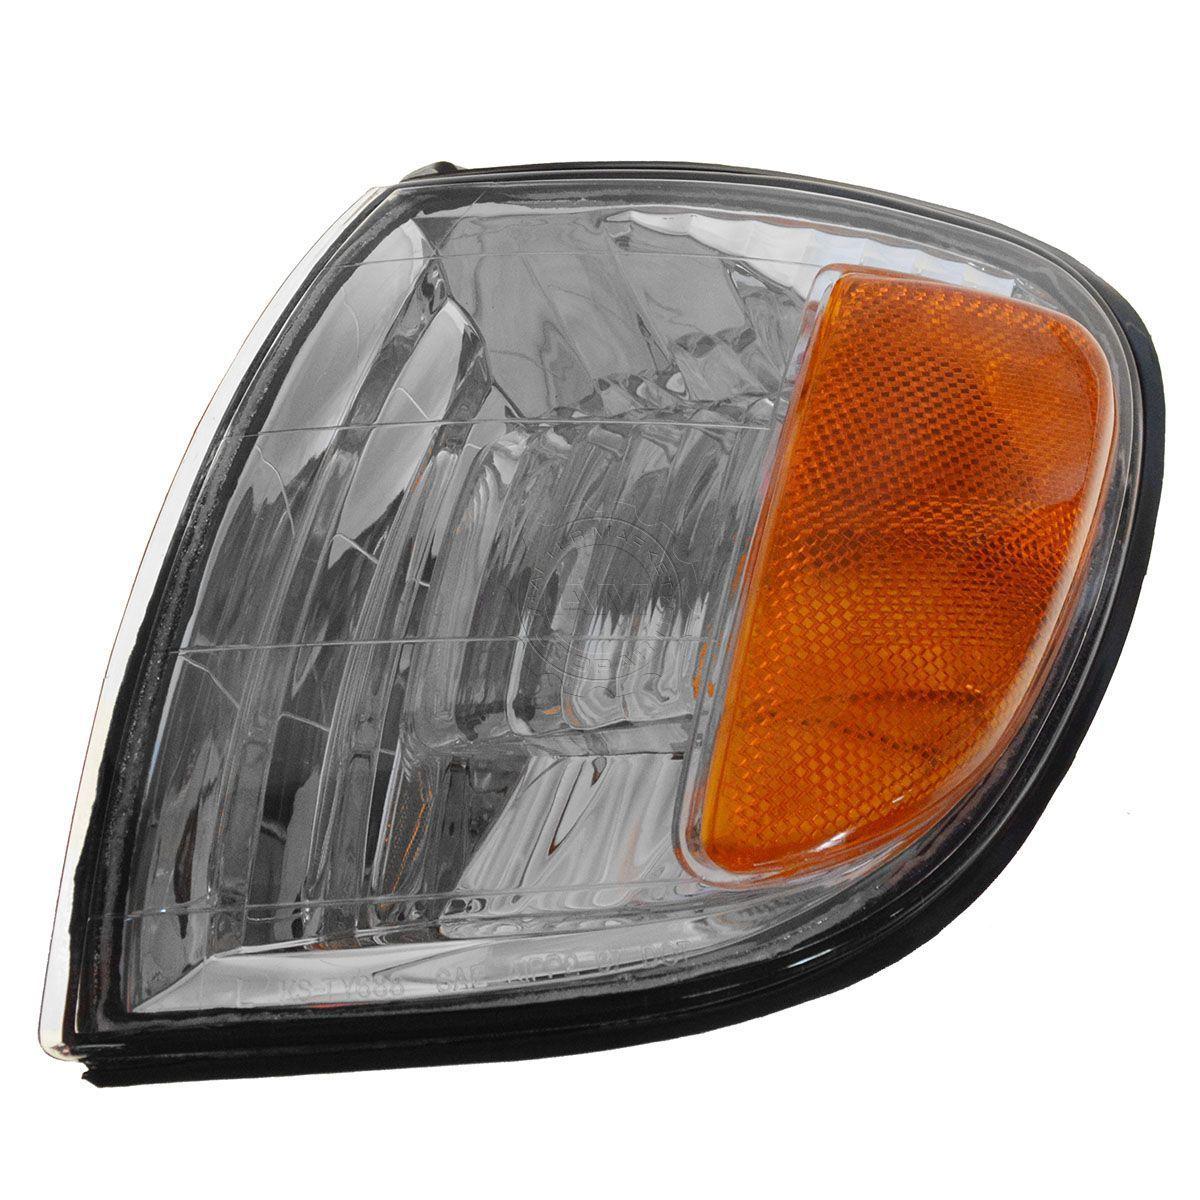 コーナーライト Corner Parking Turn Signal Light Lamp Driver Side Left LH for 00-04 Tundra Truck コーナーパーキングターンシグナルライトランプドライバーサイド左LH 00?04トンドラトラック